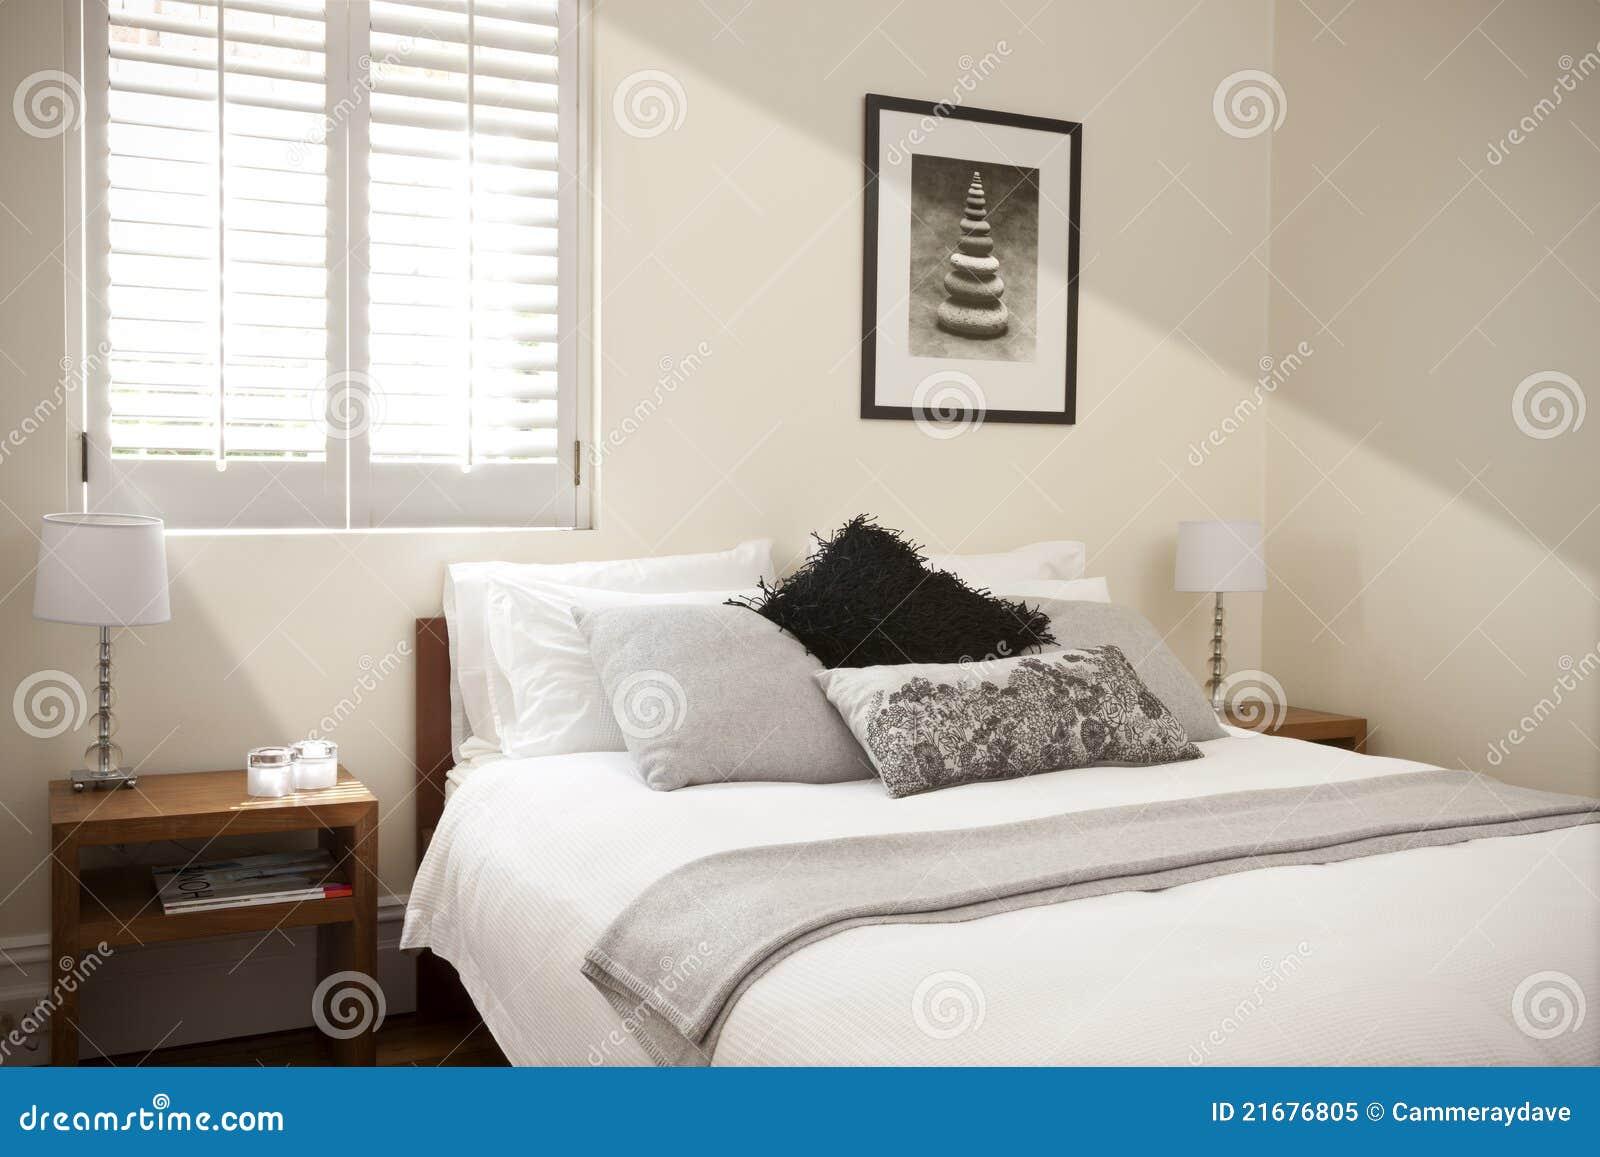 Dormitorio con la cama